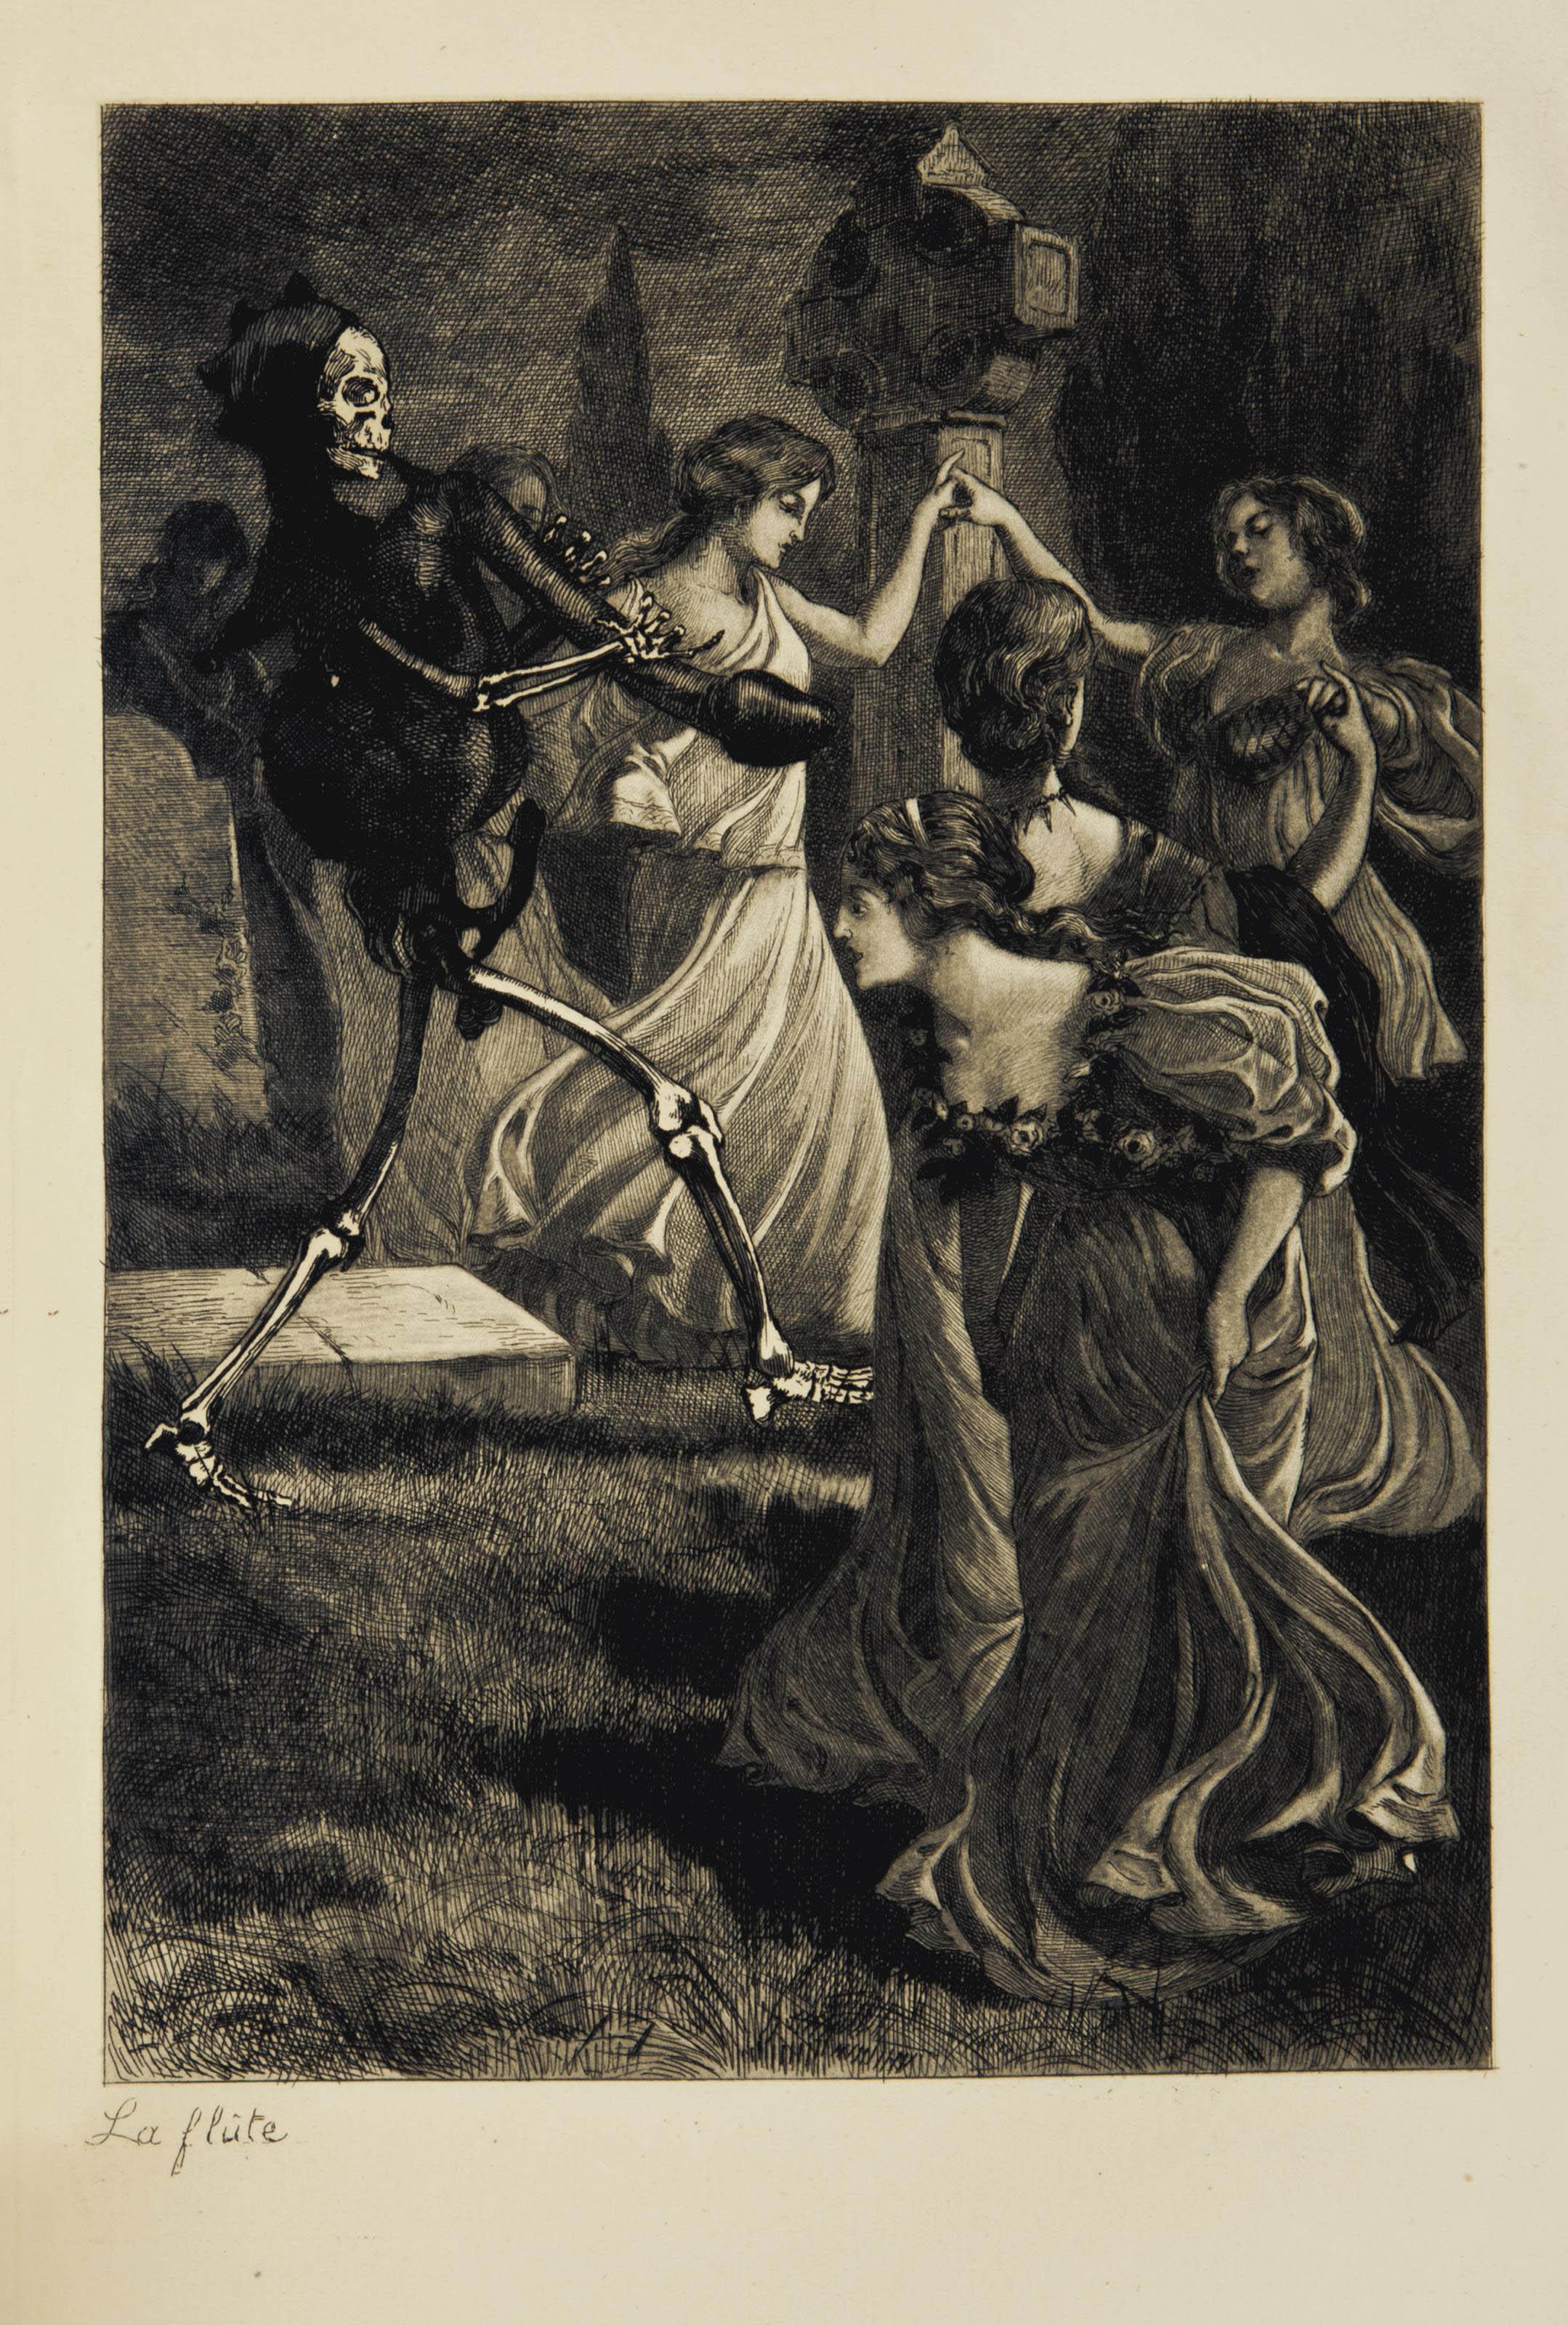 """[VAN MAELE, Martin (actif vers 1880)]. Suite complète de dix eaux fortes inspirées de la """"Légende des sexes"""". S.l.n.d. [Vers 1885]."""